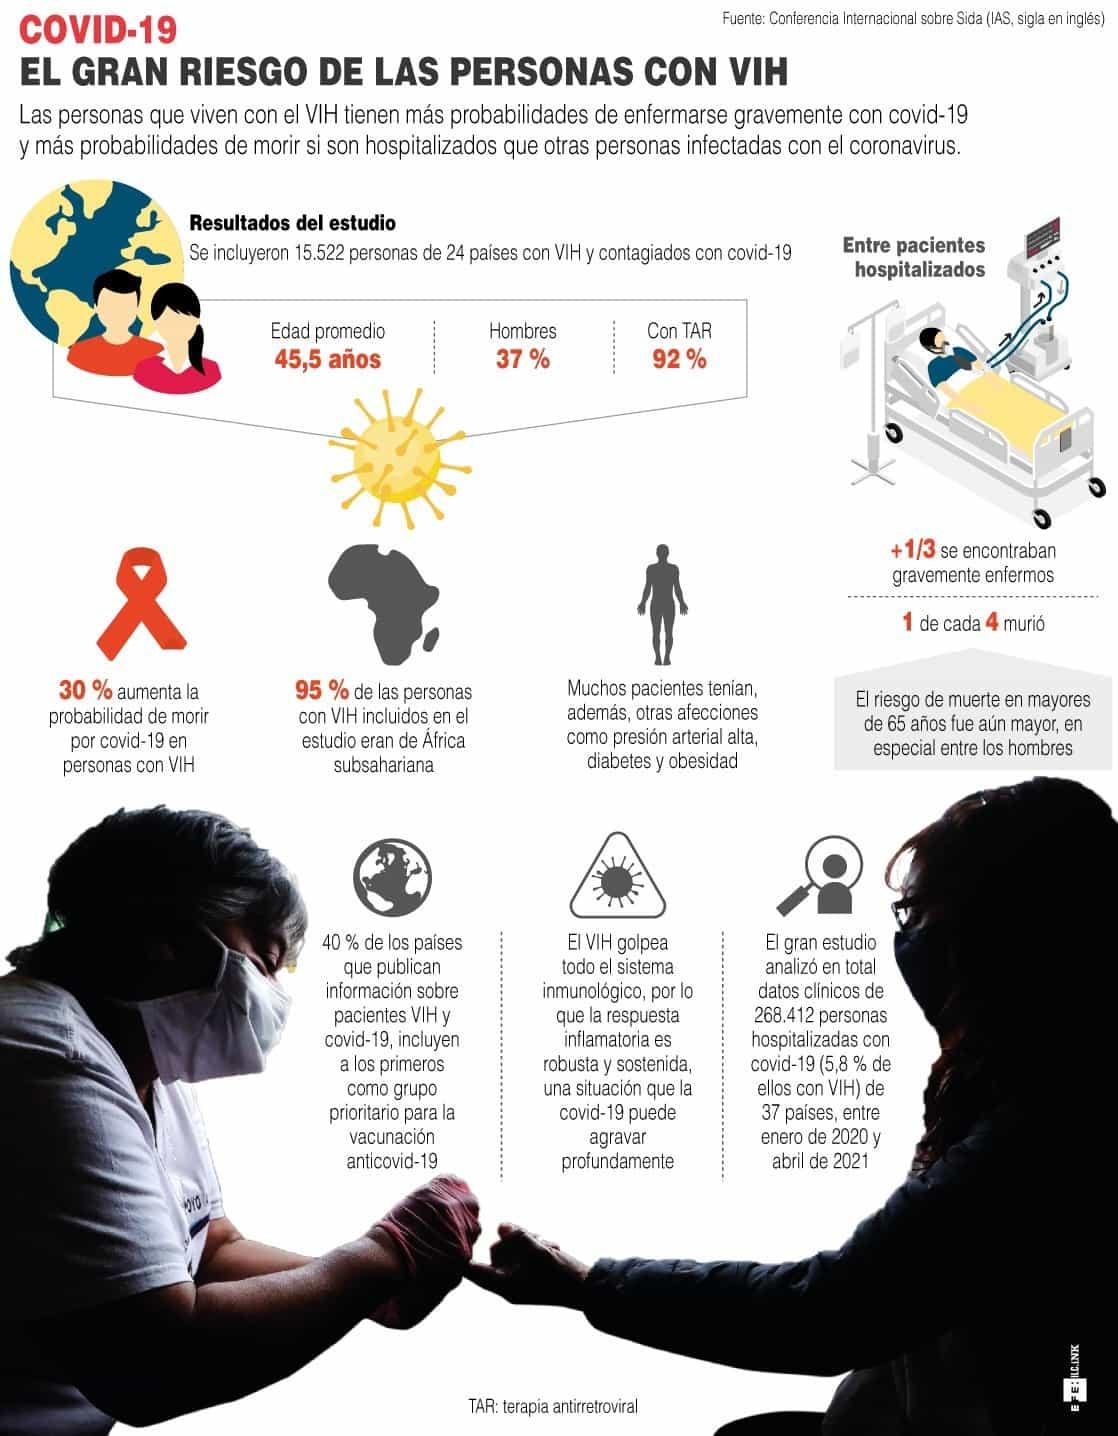 [Infografía] COVID-19: el gran riesgo de las personas con VIH 1